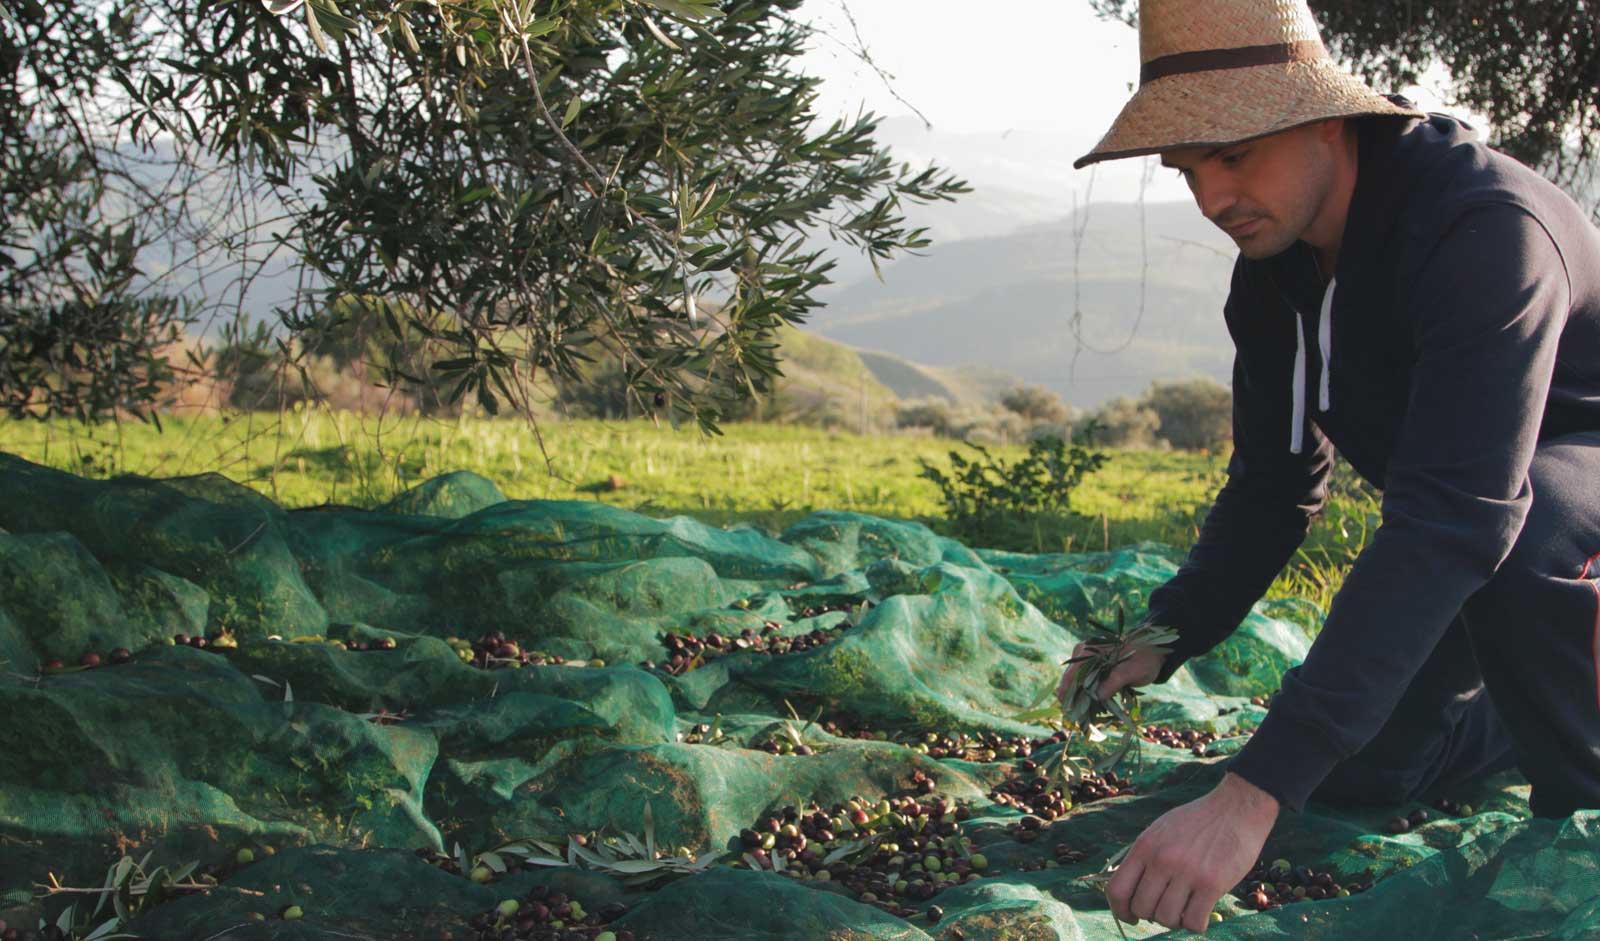 Una vera esperienza rurale: la raccolta delle olive.